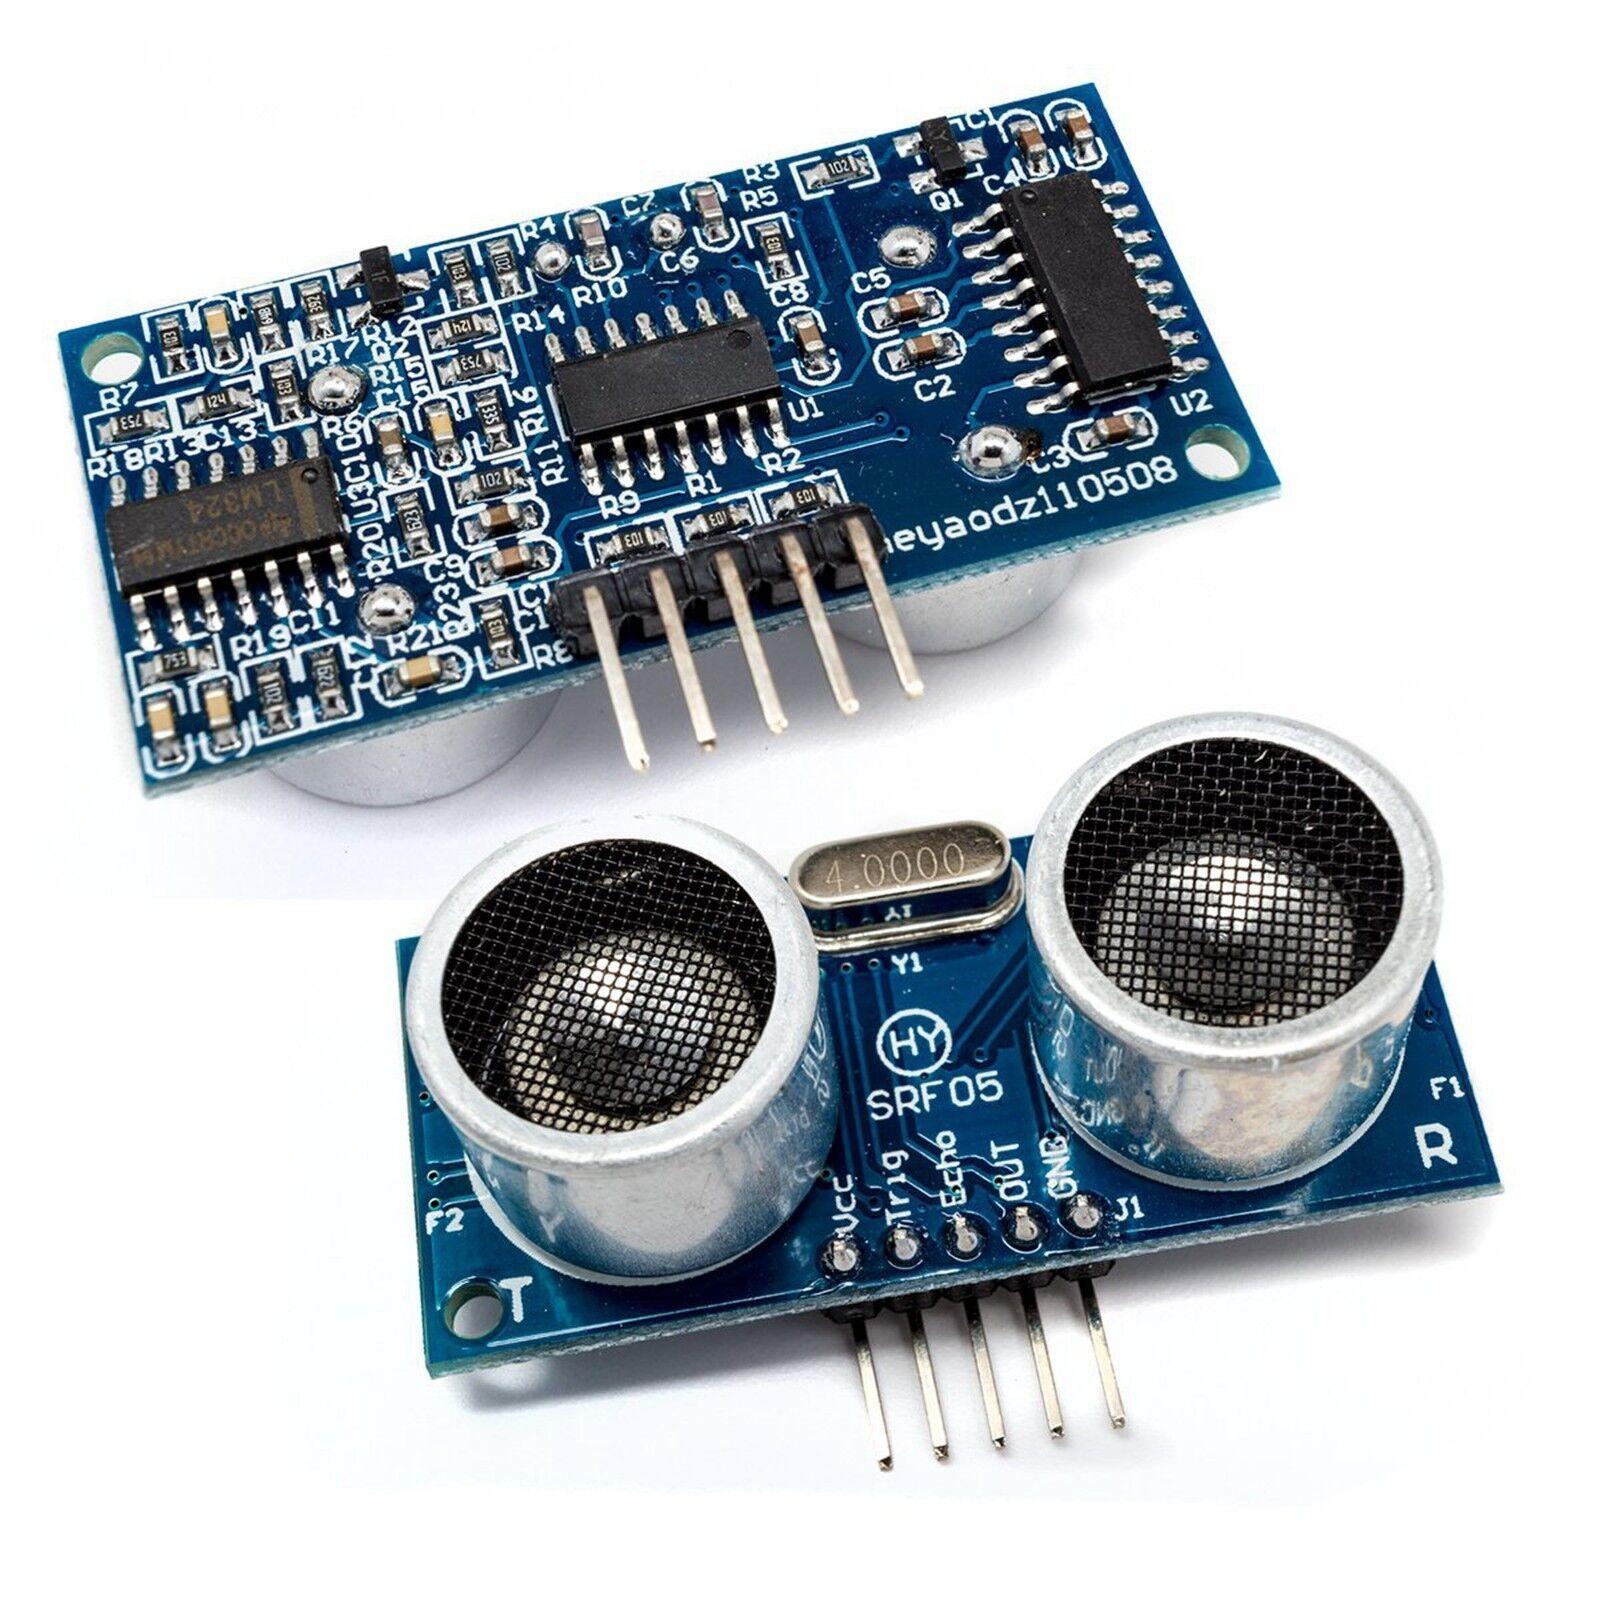 2 Pcs HY-SRF05 / HC-SR05 Precise Ultrasonic Range Sensor Module for